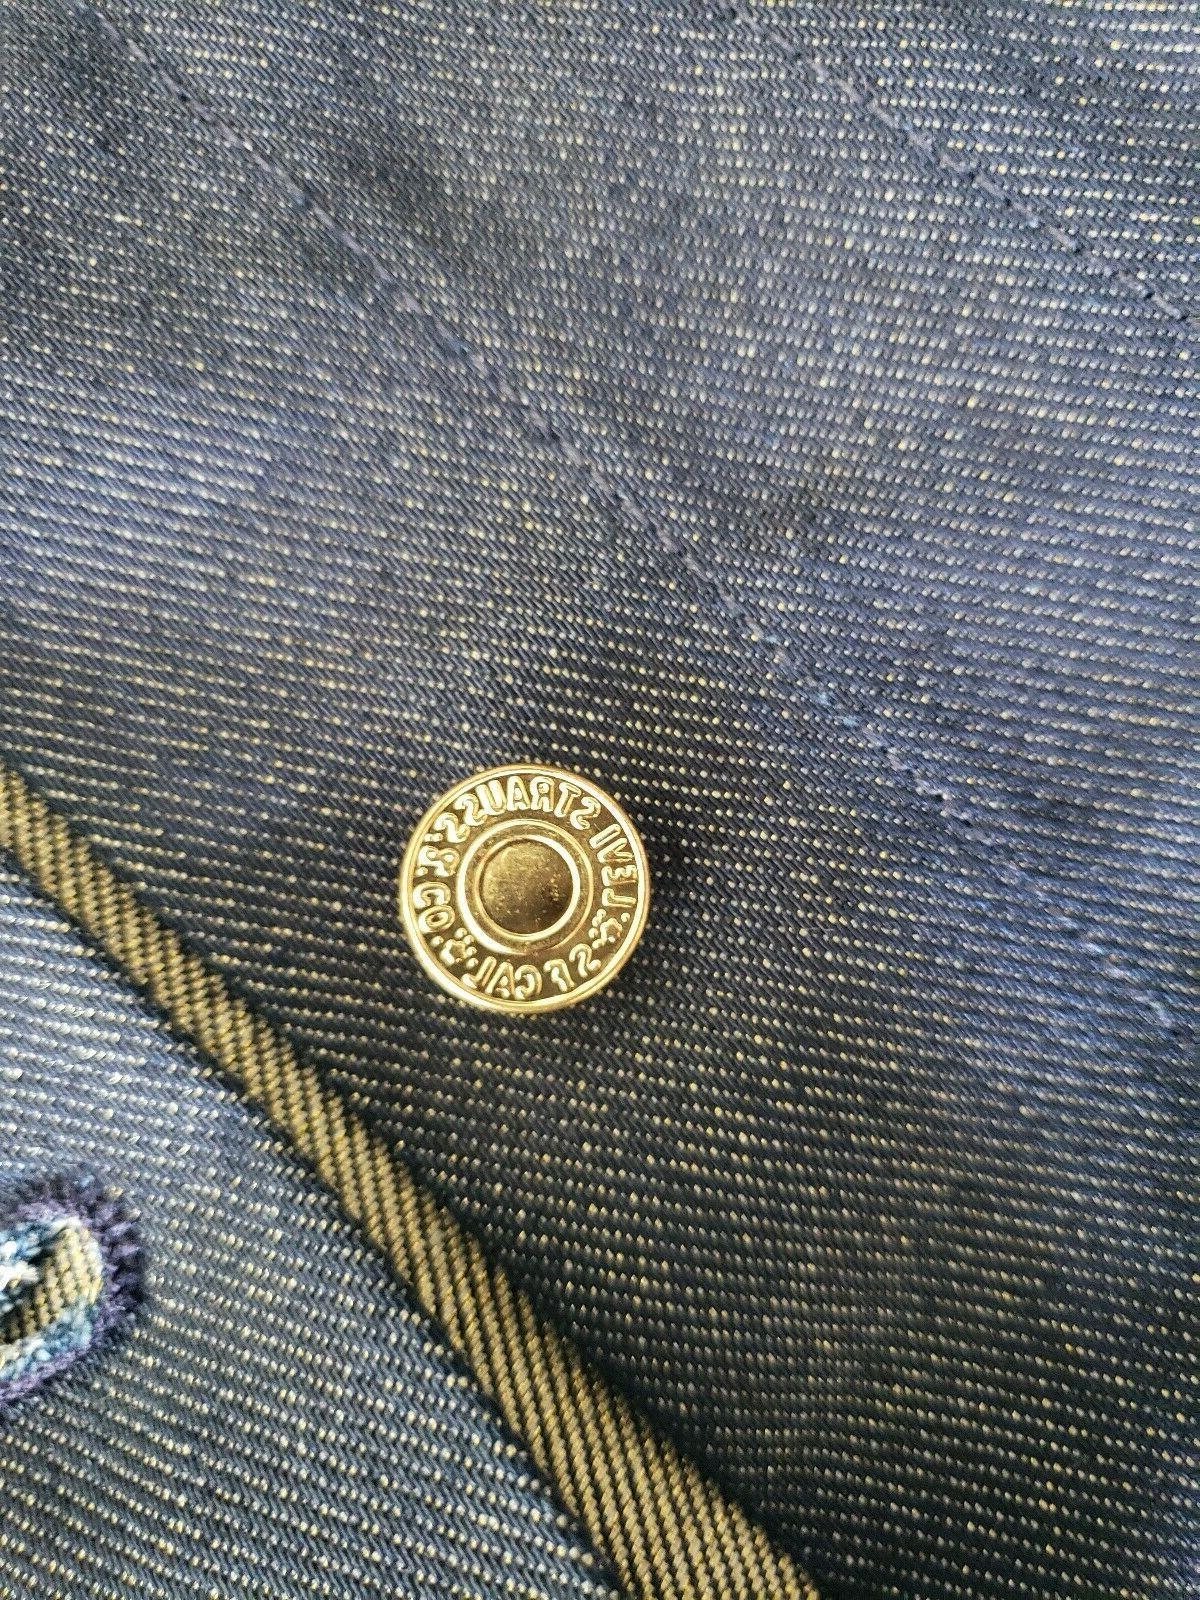 Levi's Jacket Unwashed Stiff Gold Weft Men XLARGE